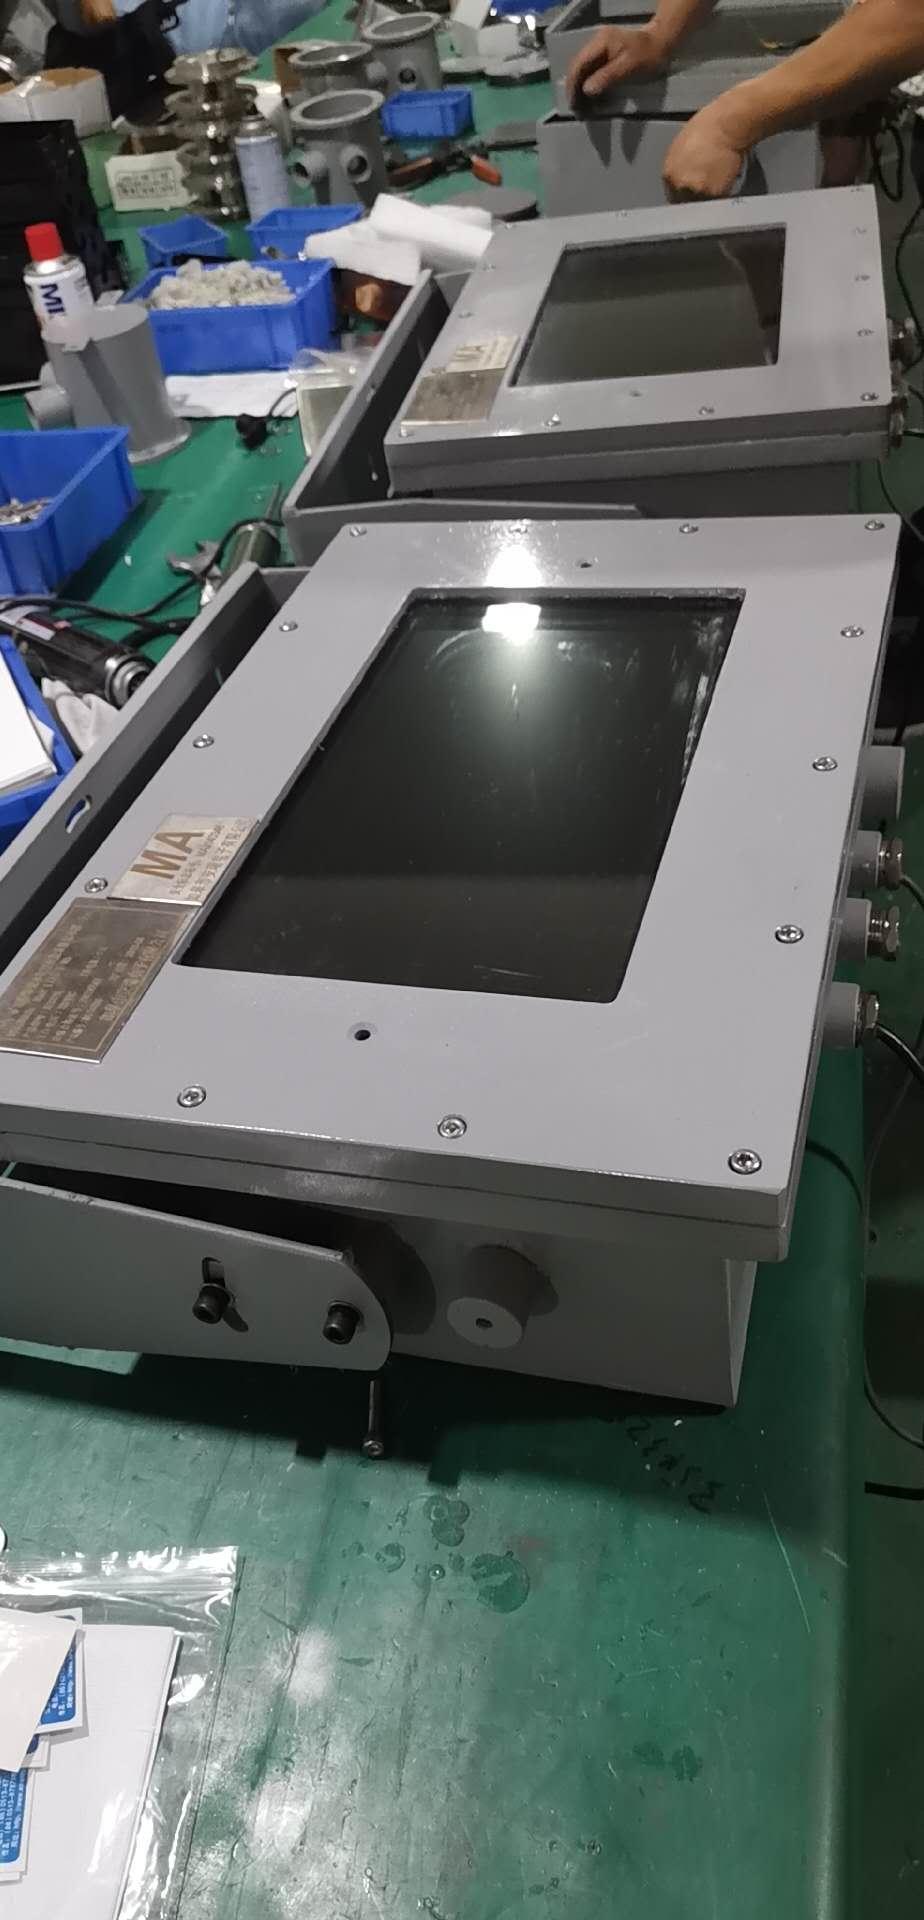 矿用隔爆兼本安显示器65寸超大定制 3